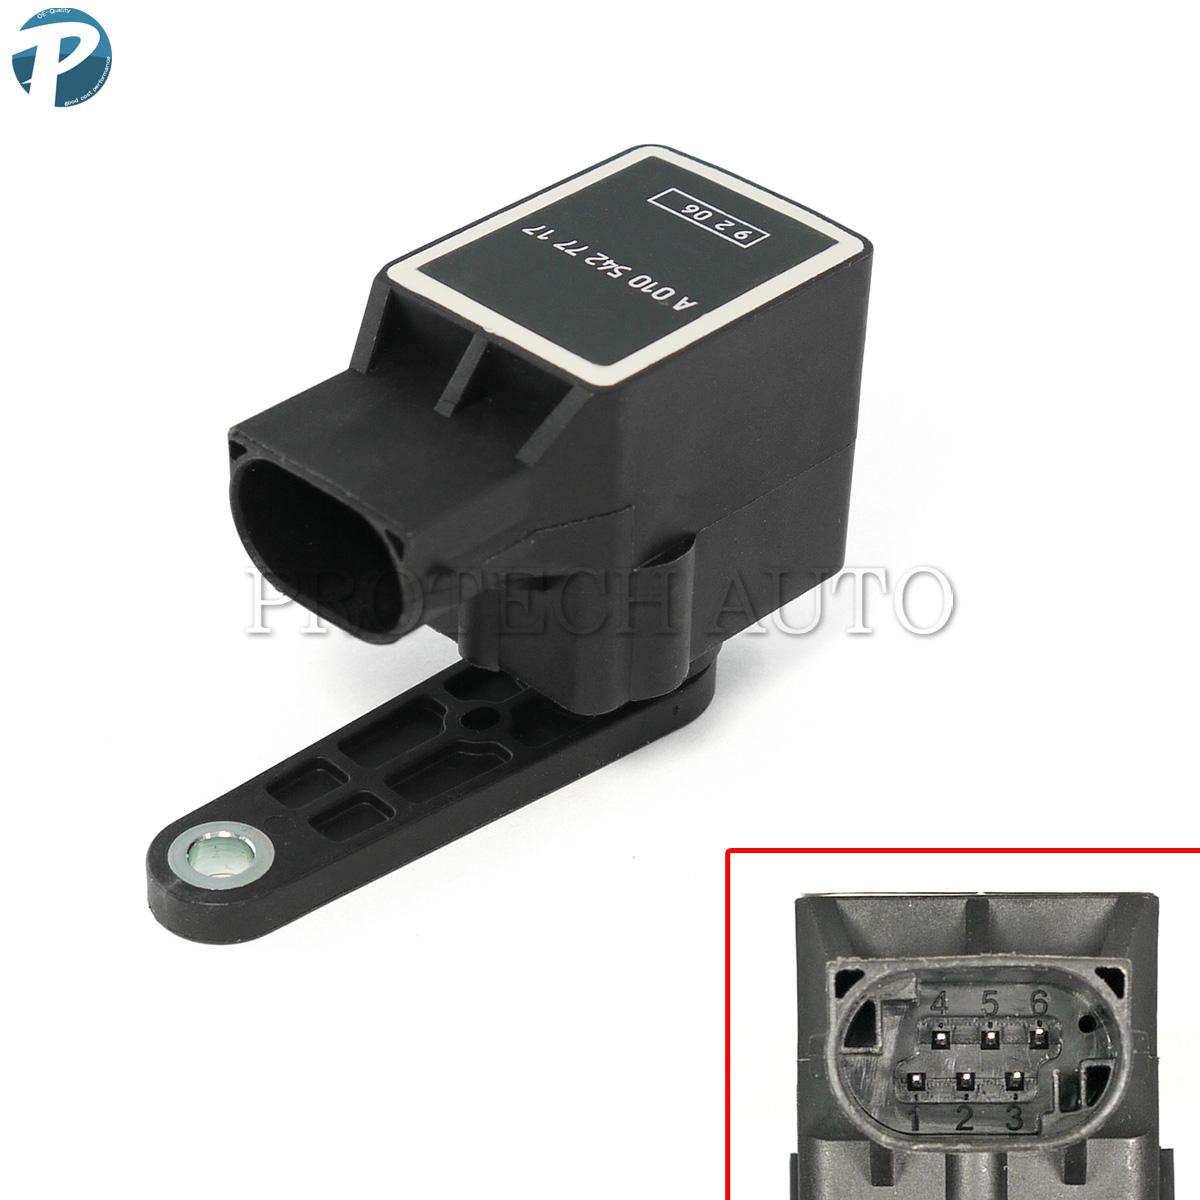 ベンツ Eクラス W211 エアサスハイトセンサー/ハイトレベルセンサー/光軸センサー 0105427717 E240 E320 E430 E250 E280 E300 E350 E500 E550 E55AMG E63AMG【あす楽対応】